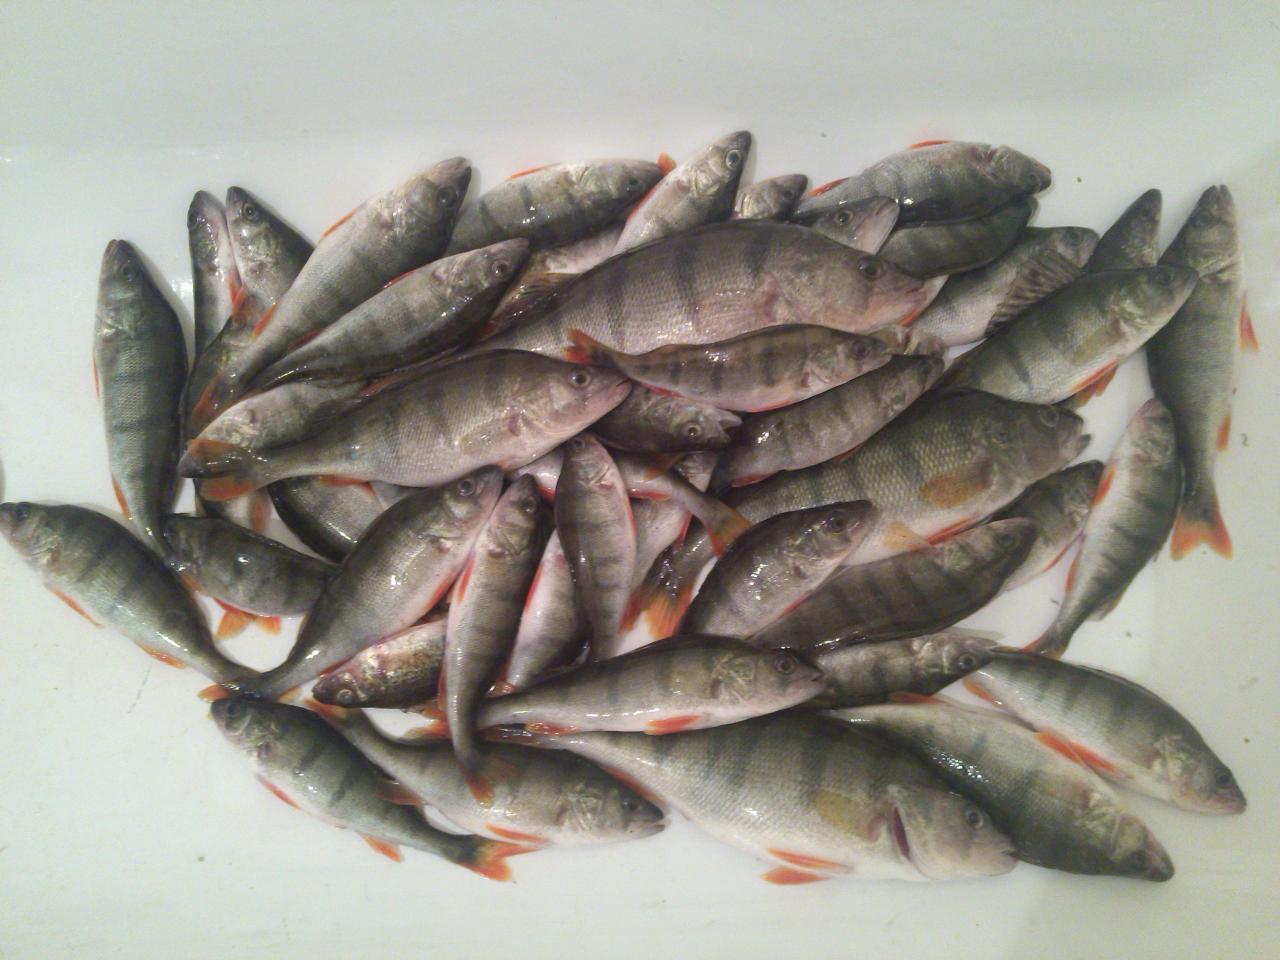 Счастье сегодня нашел только в час дня,на глубине ... | Отчеты о рыбалке в Беларуси